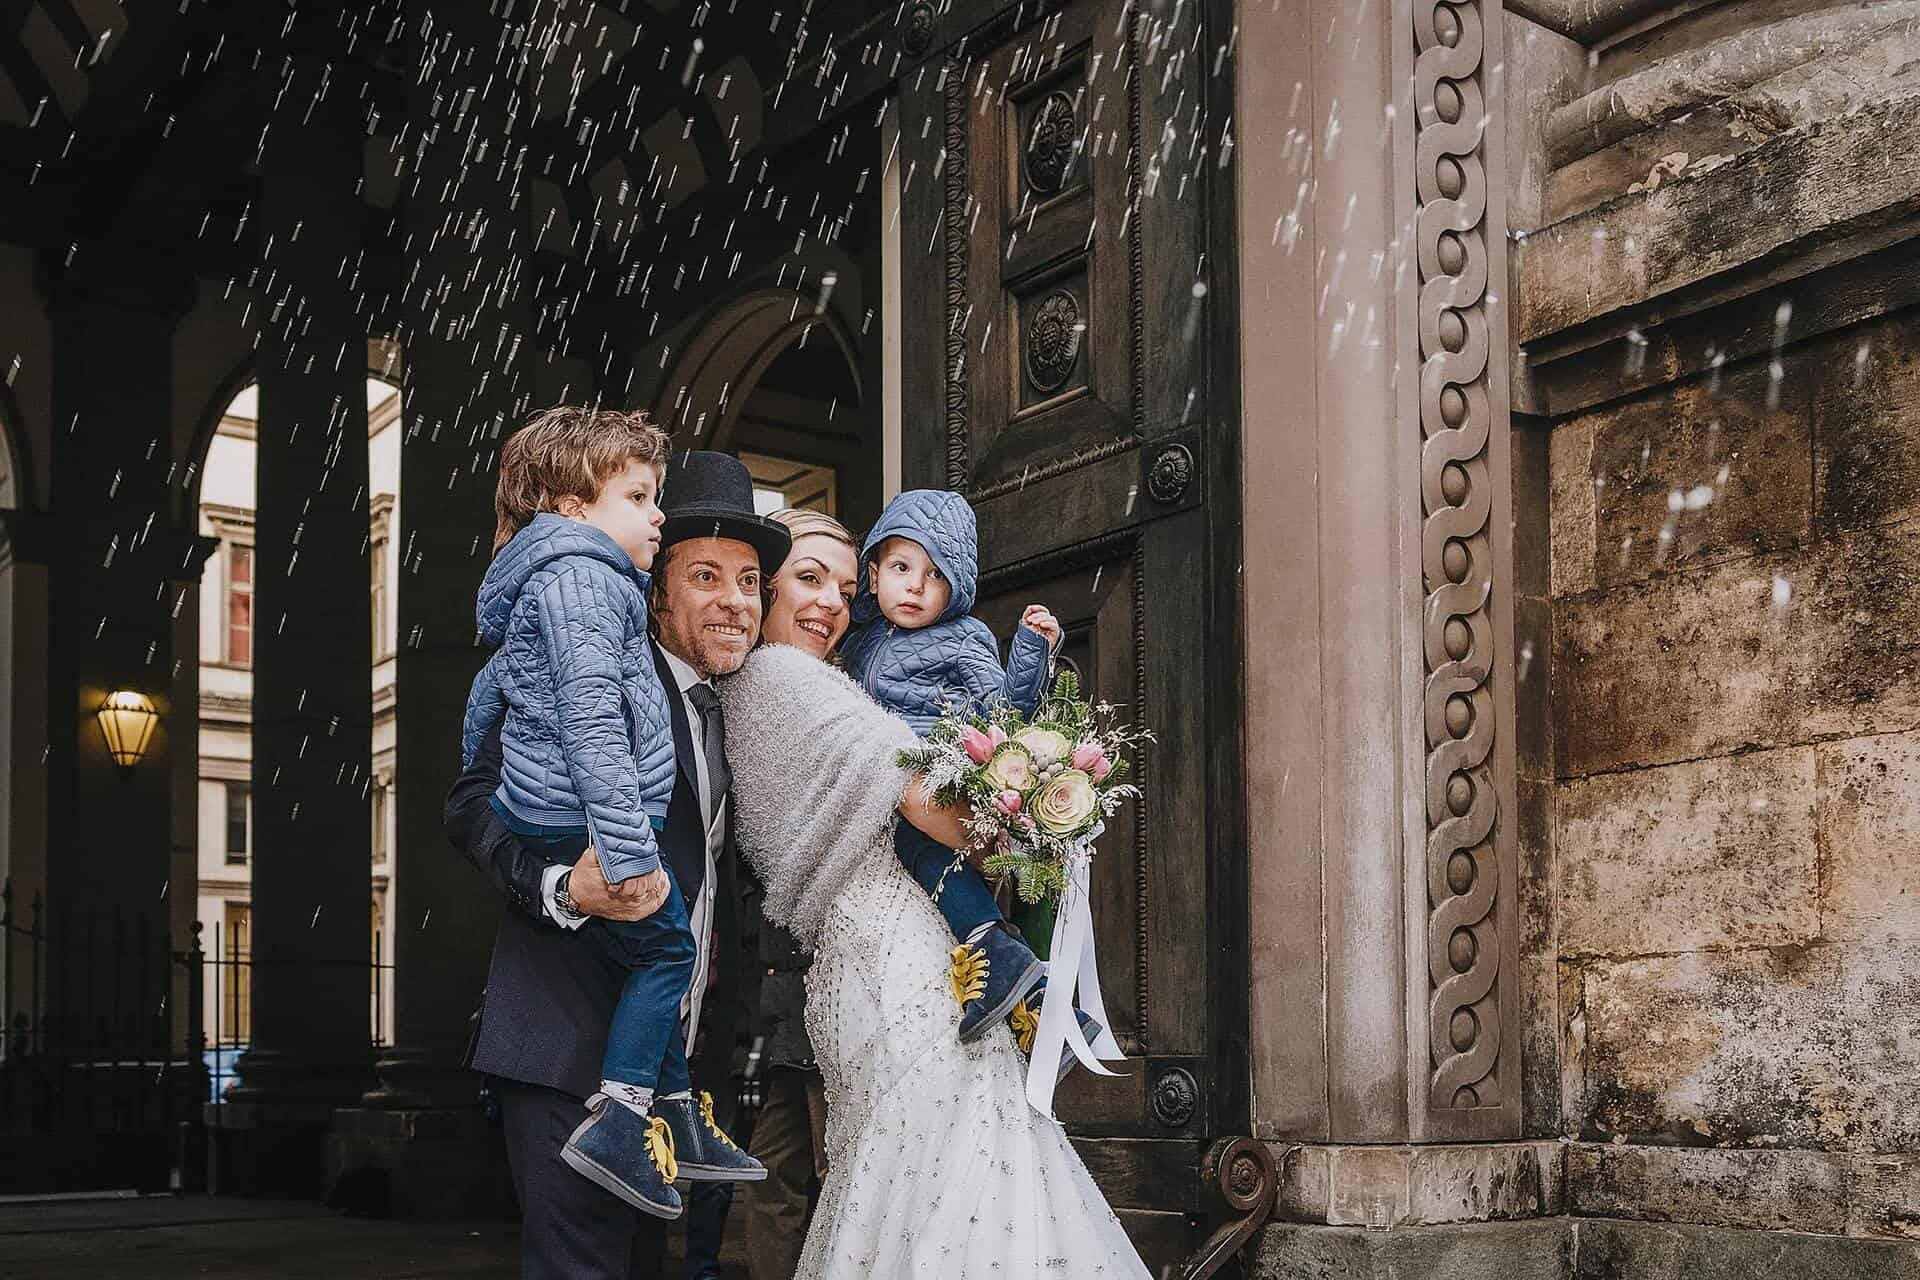 Lancio del riso, sposi a Torino,con bambini